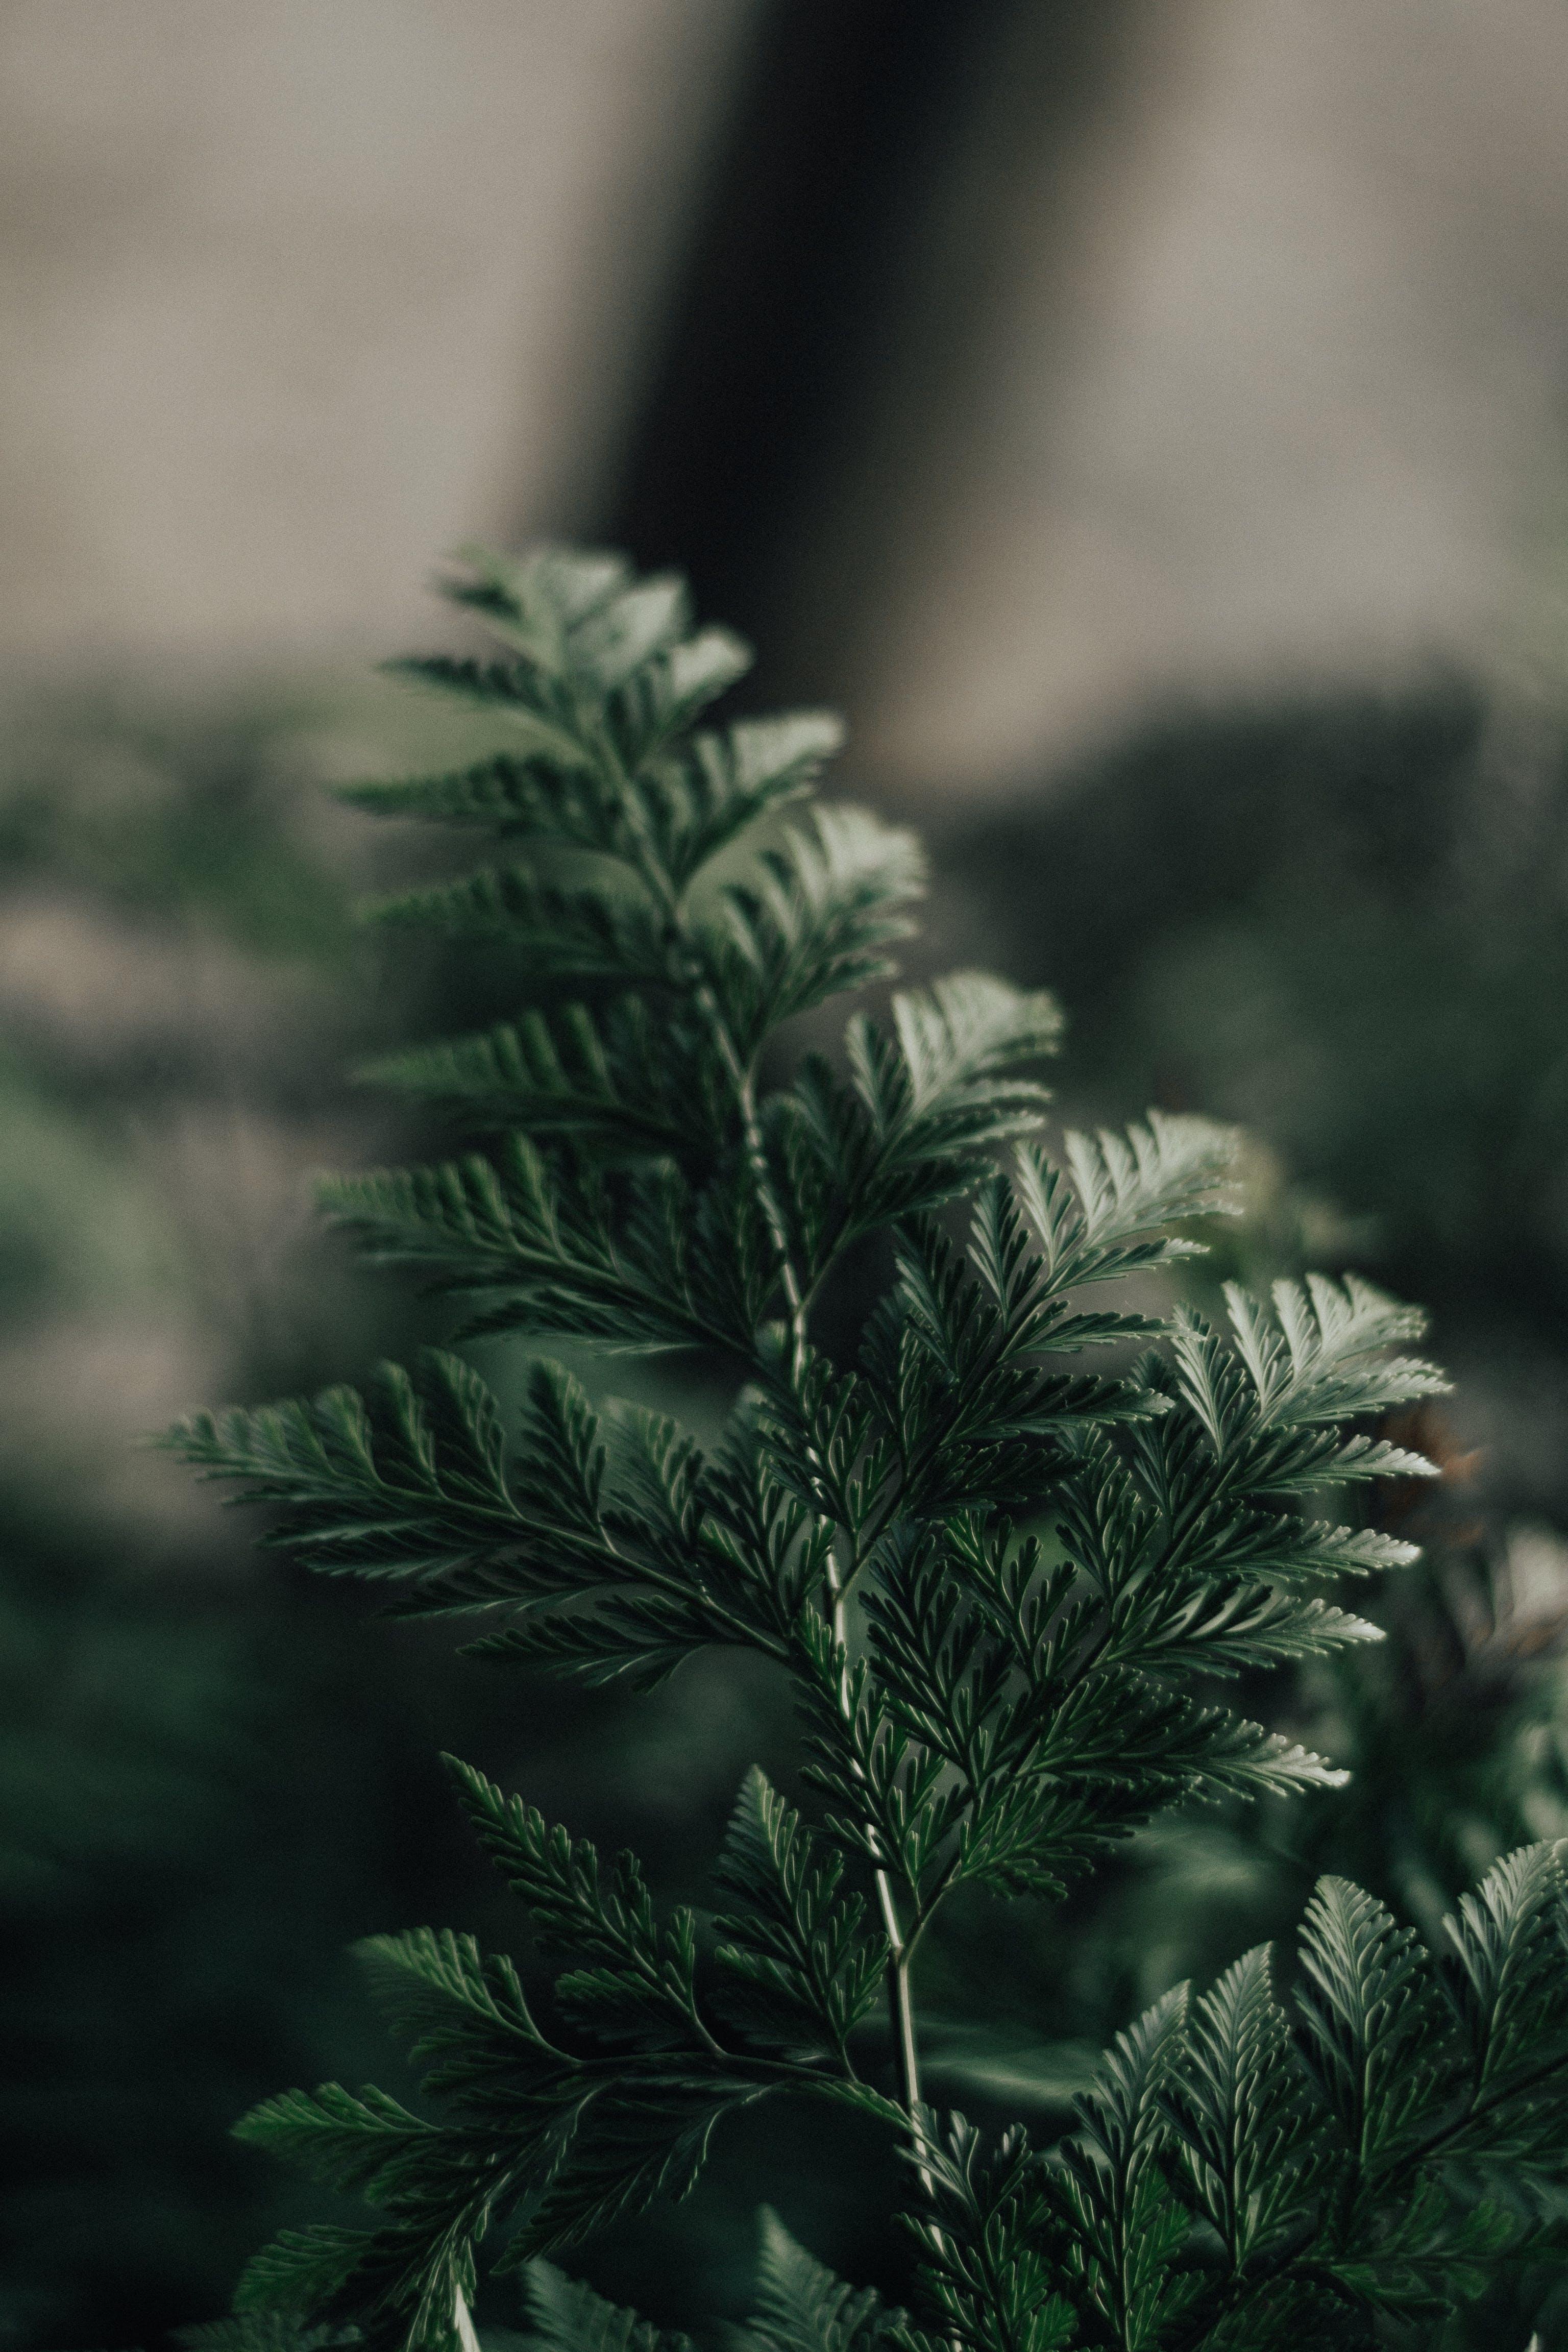 シダ, シダの葉, ナチュラル, フォーカスの無料の写真素材